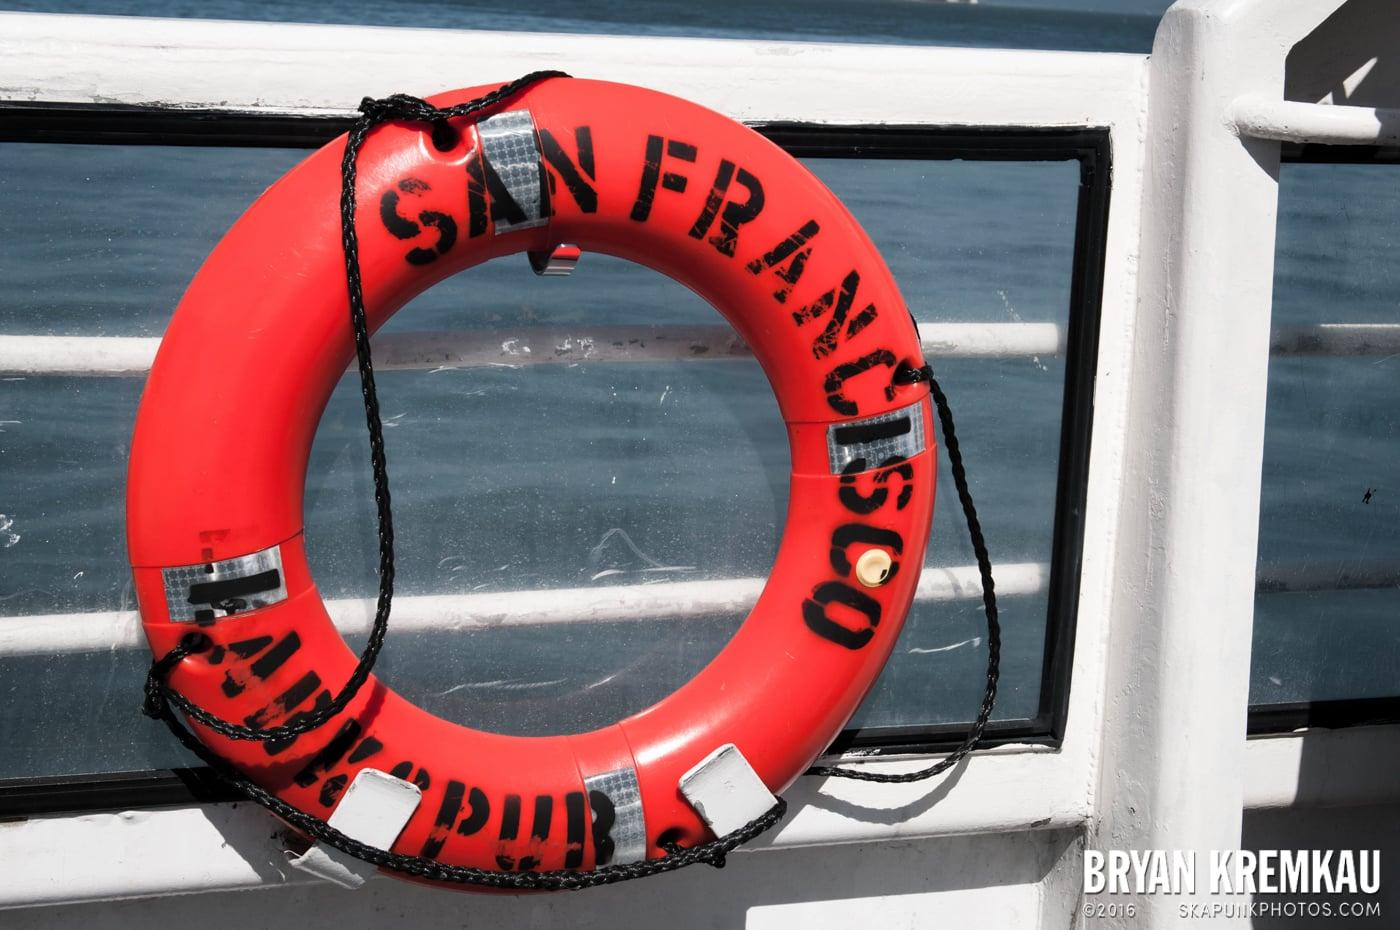 San Francisco Vacation - Day 3 - 4.30.12 (94)